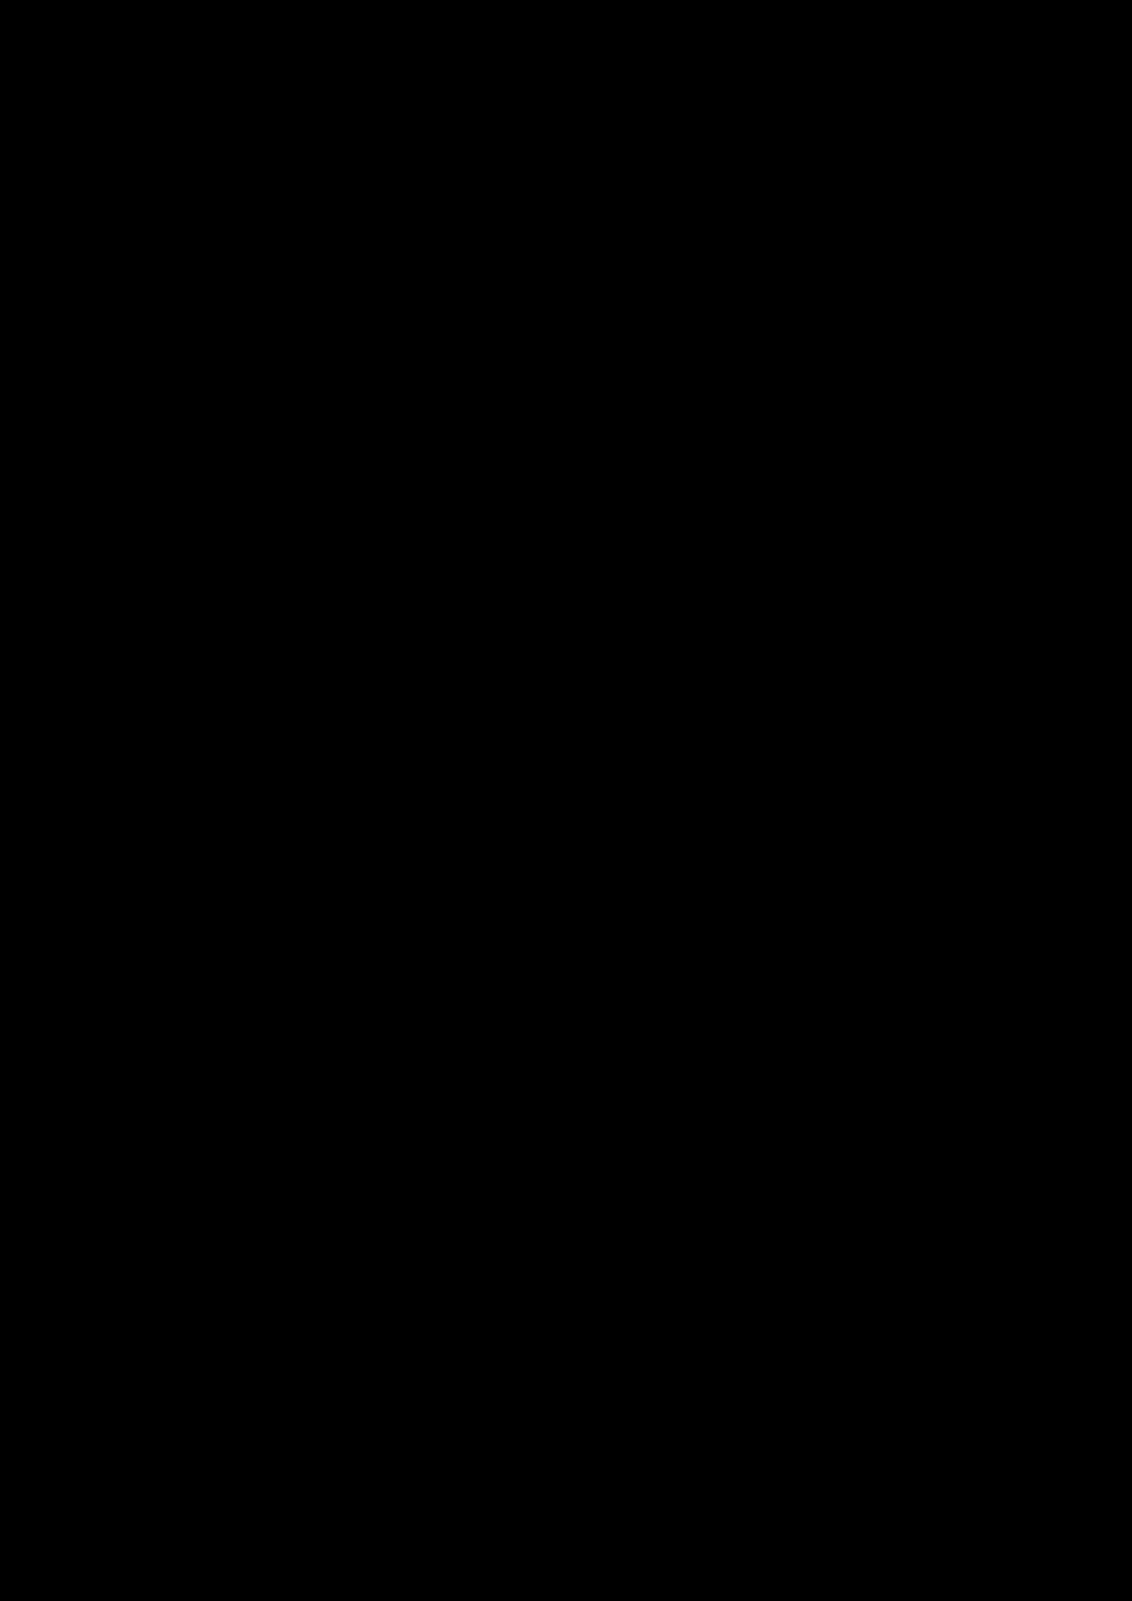 Proschanie s volshebnoy stranoy slide, Image 80